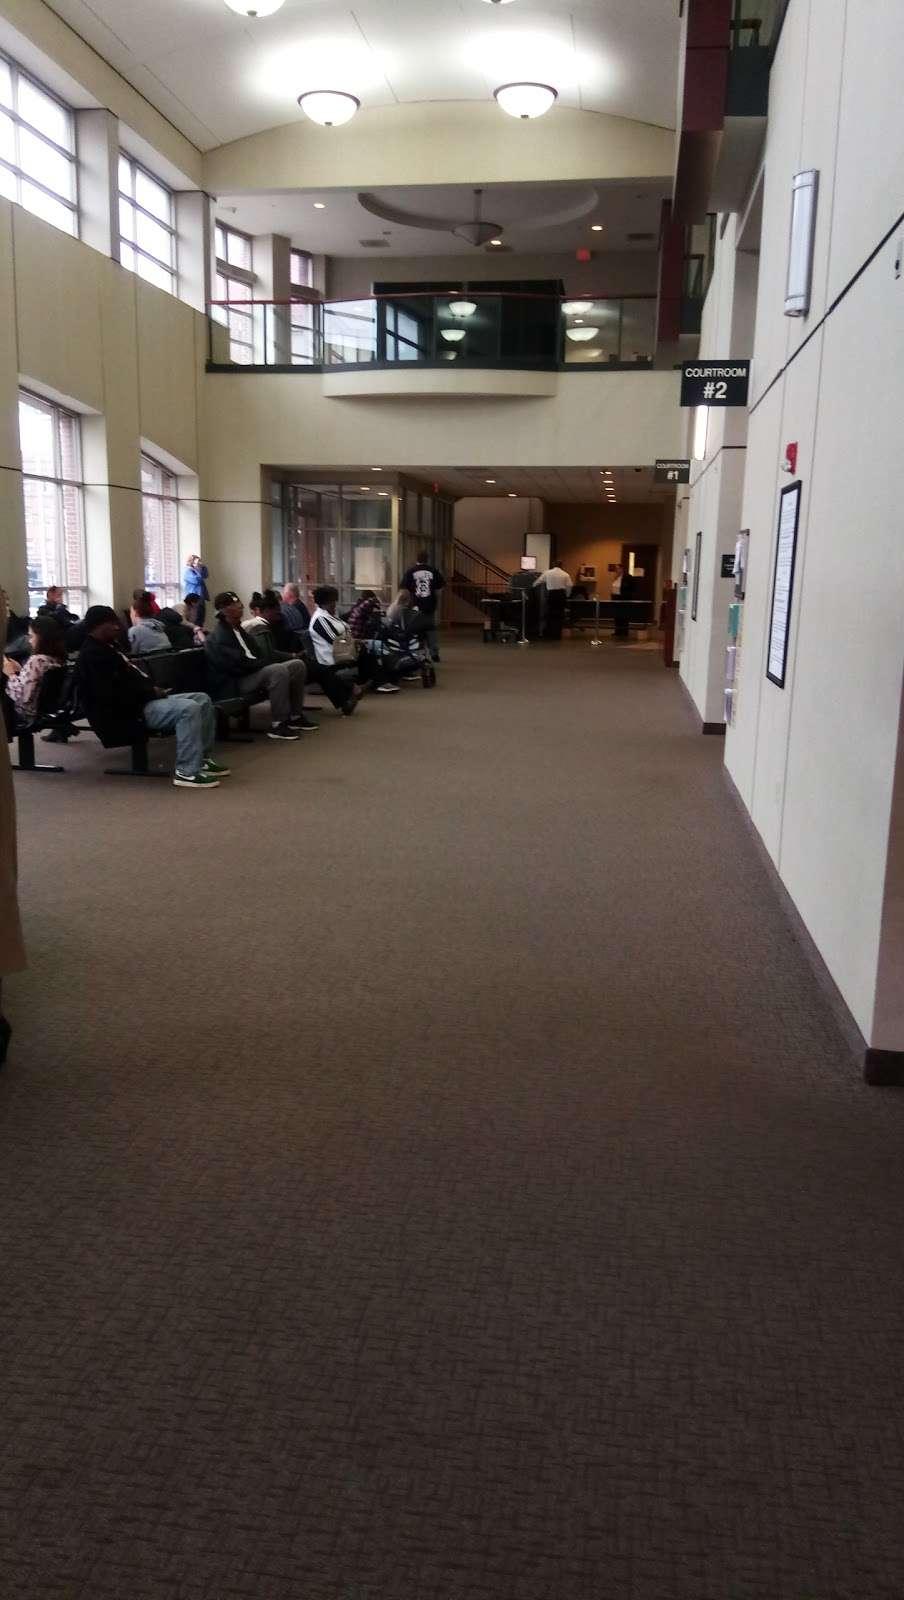 Jersey City Municipal Court - courthouse  | Photo 2 of 10 | Address: 365 Summit Ave, Jersey City, NJ 07306, USA | Phone: (201) 209-6700